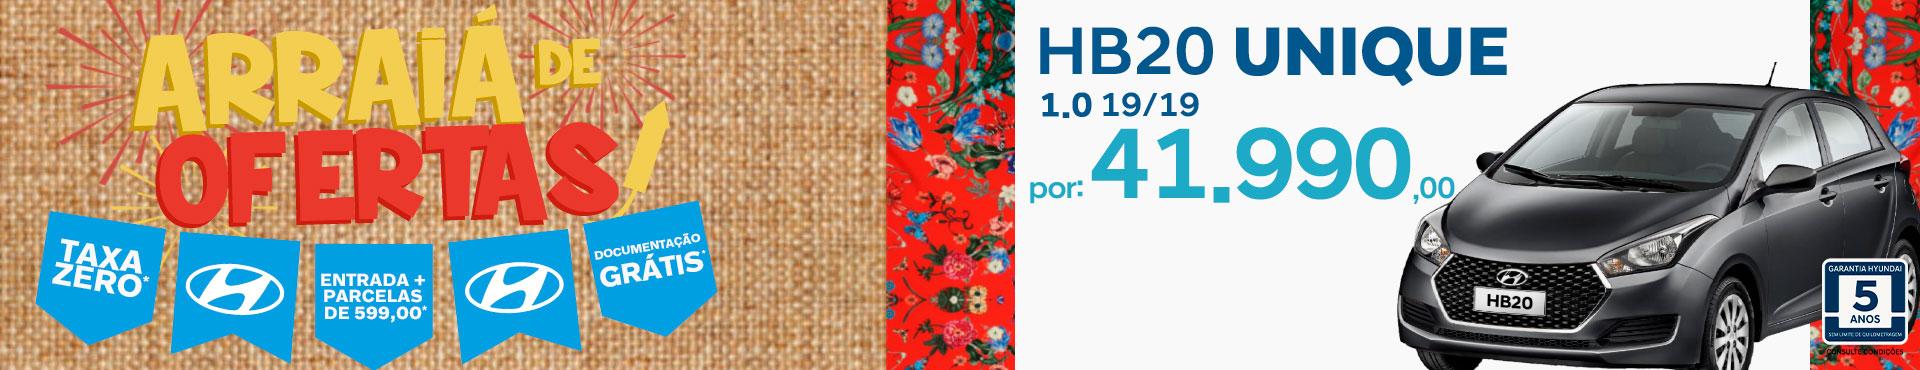 HB20 Unique